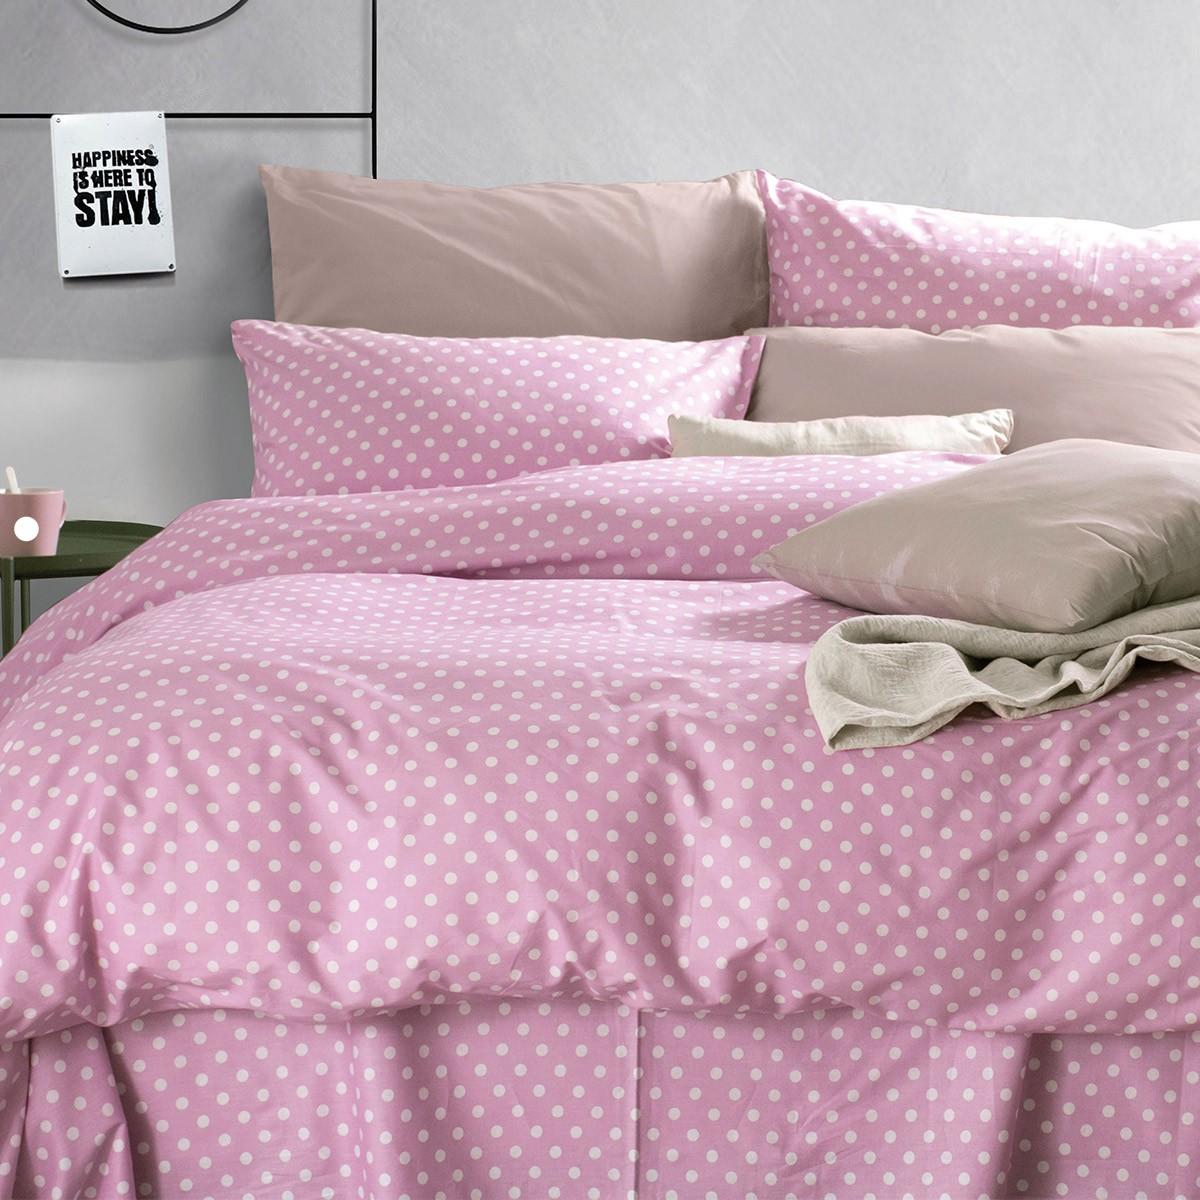 Σεντόνια Υπέρδιπλα (Σετ) Rythmos Diva Sassy New Pink ΧΩΡΙΣ ΛΑΣΤΙΧΟ 220×260 ΧΩΡΙΣ ΛΑΣΤΙΧΟ 220×260